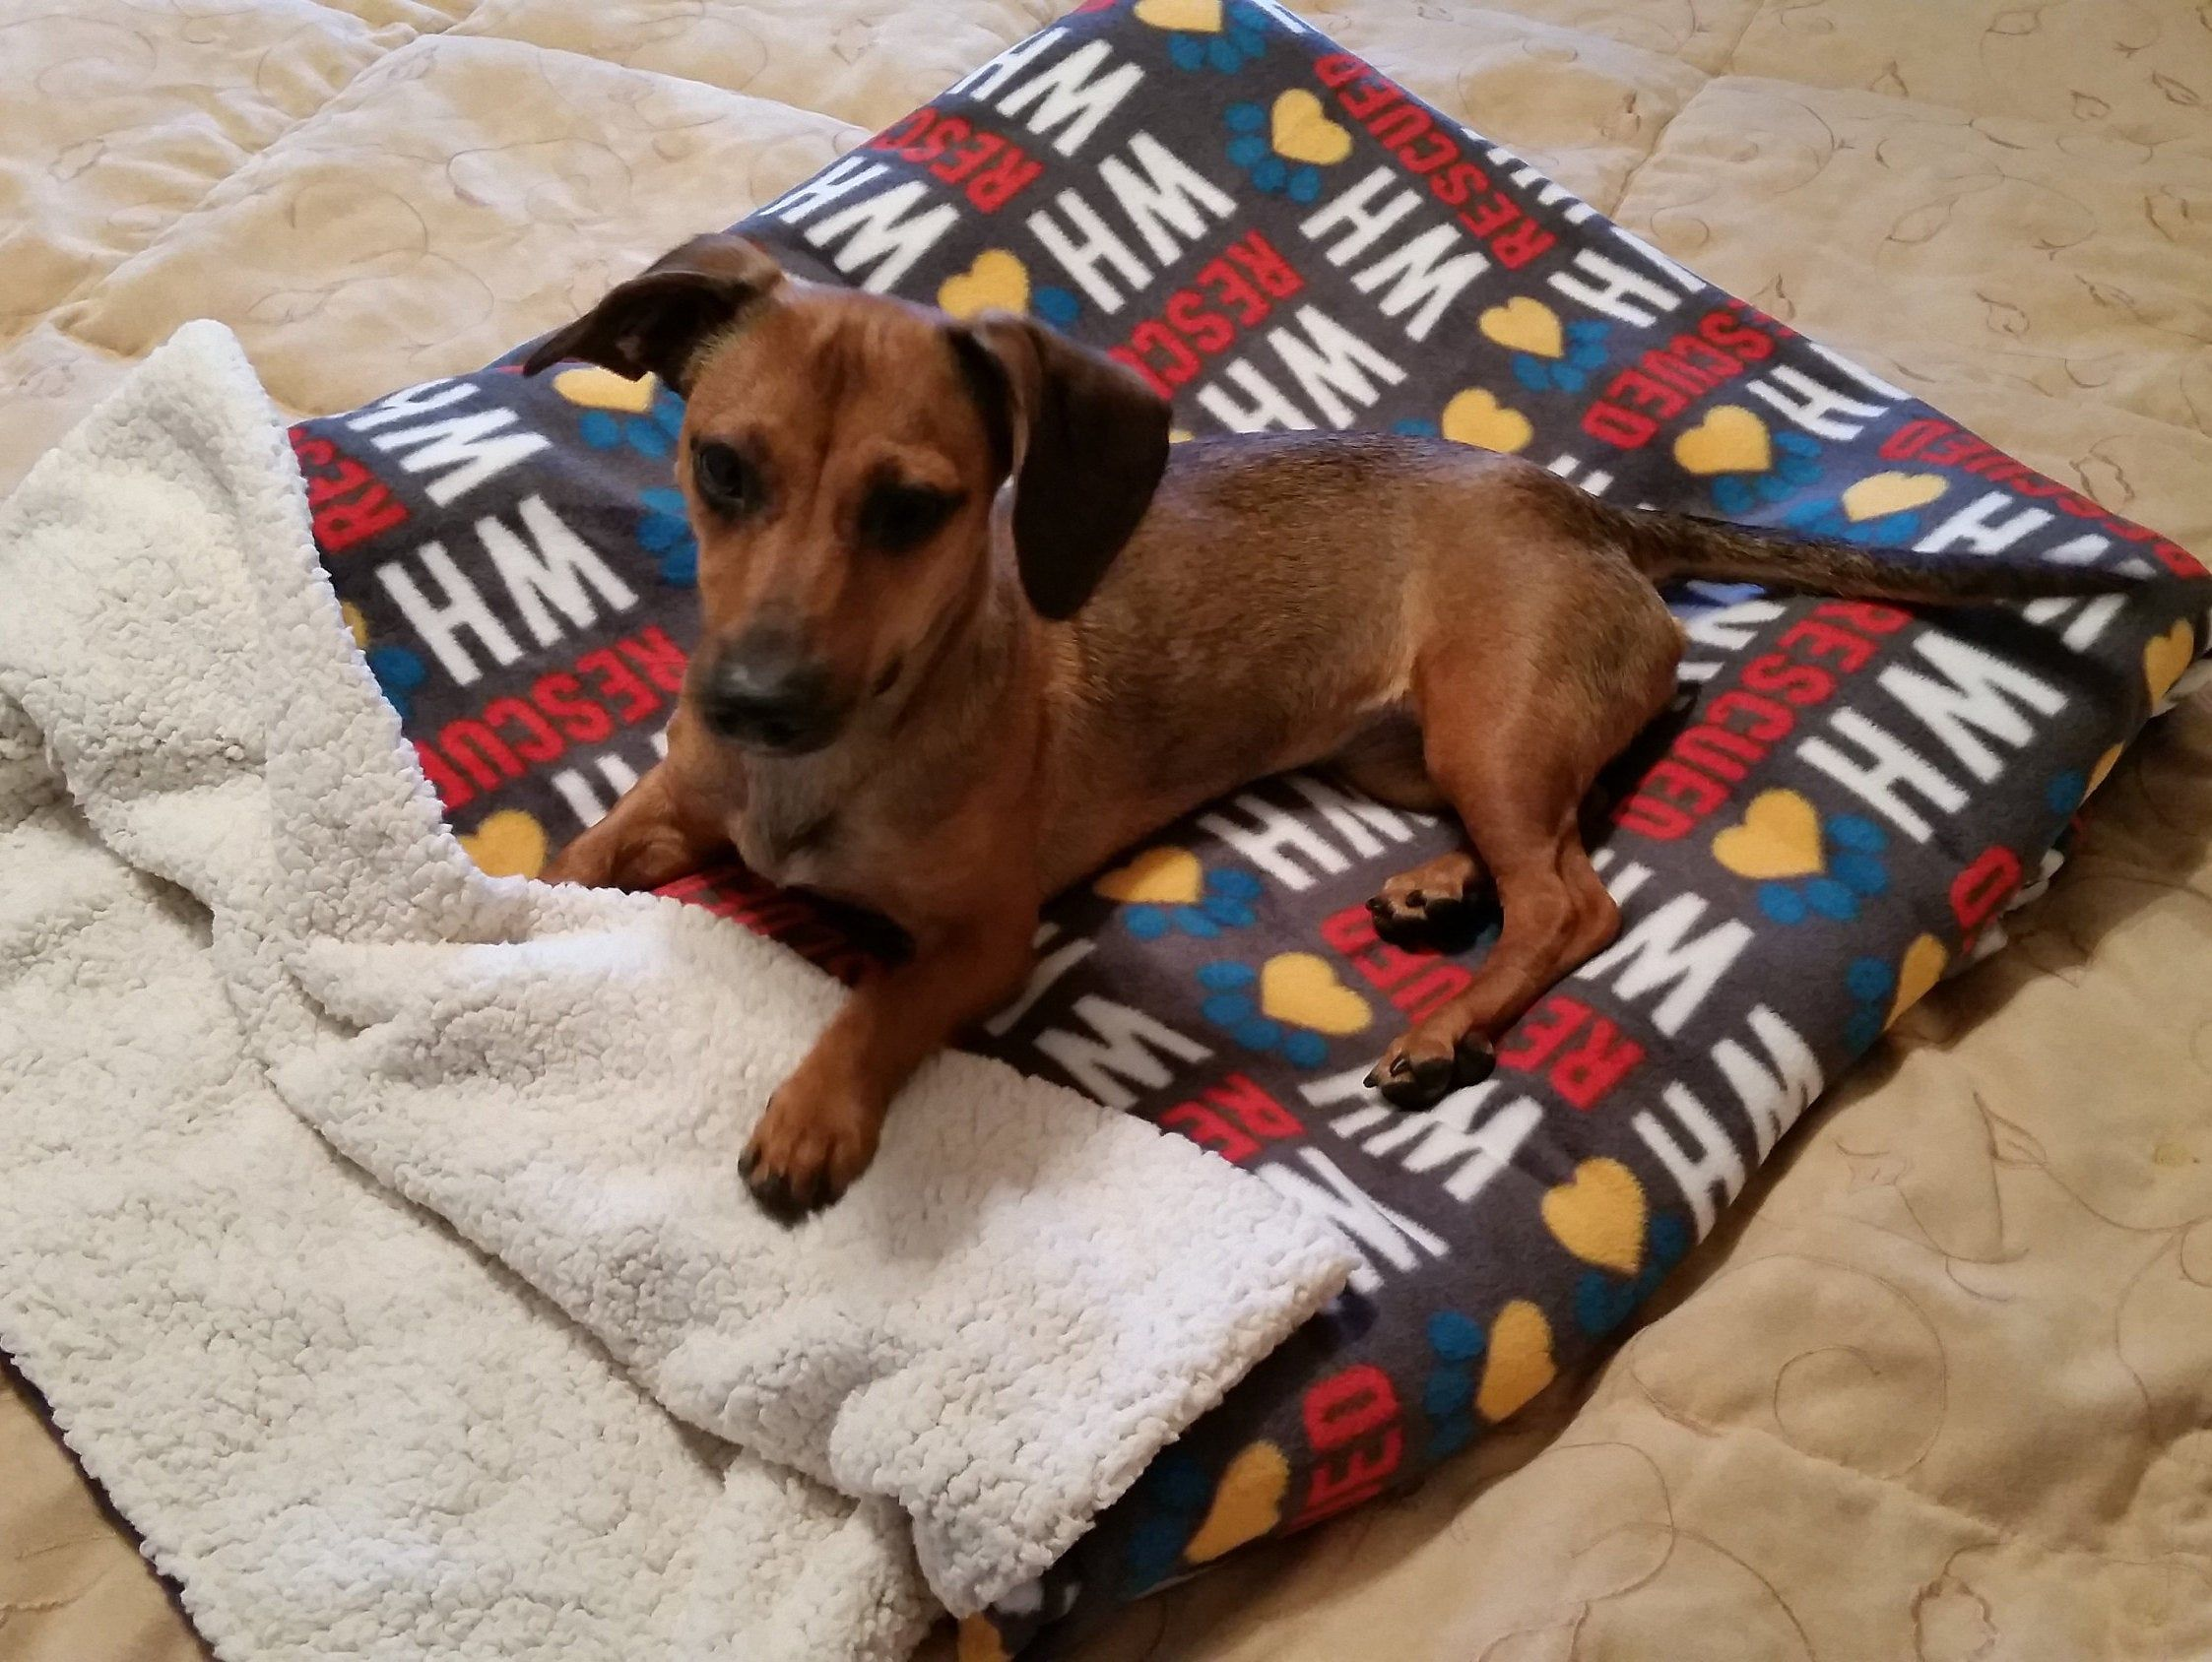 Dog Rescue Blanket, Dog Snuggle Sack, Dog Burrow Bag, Dog